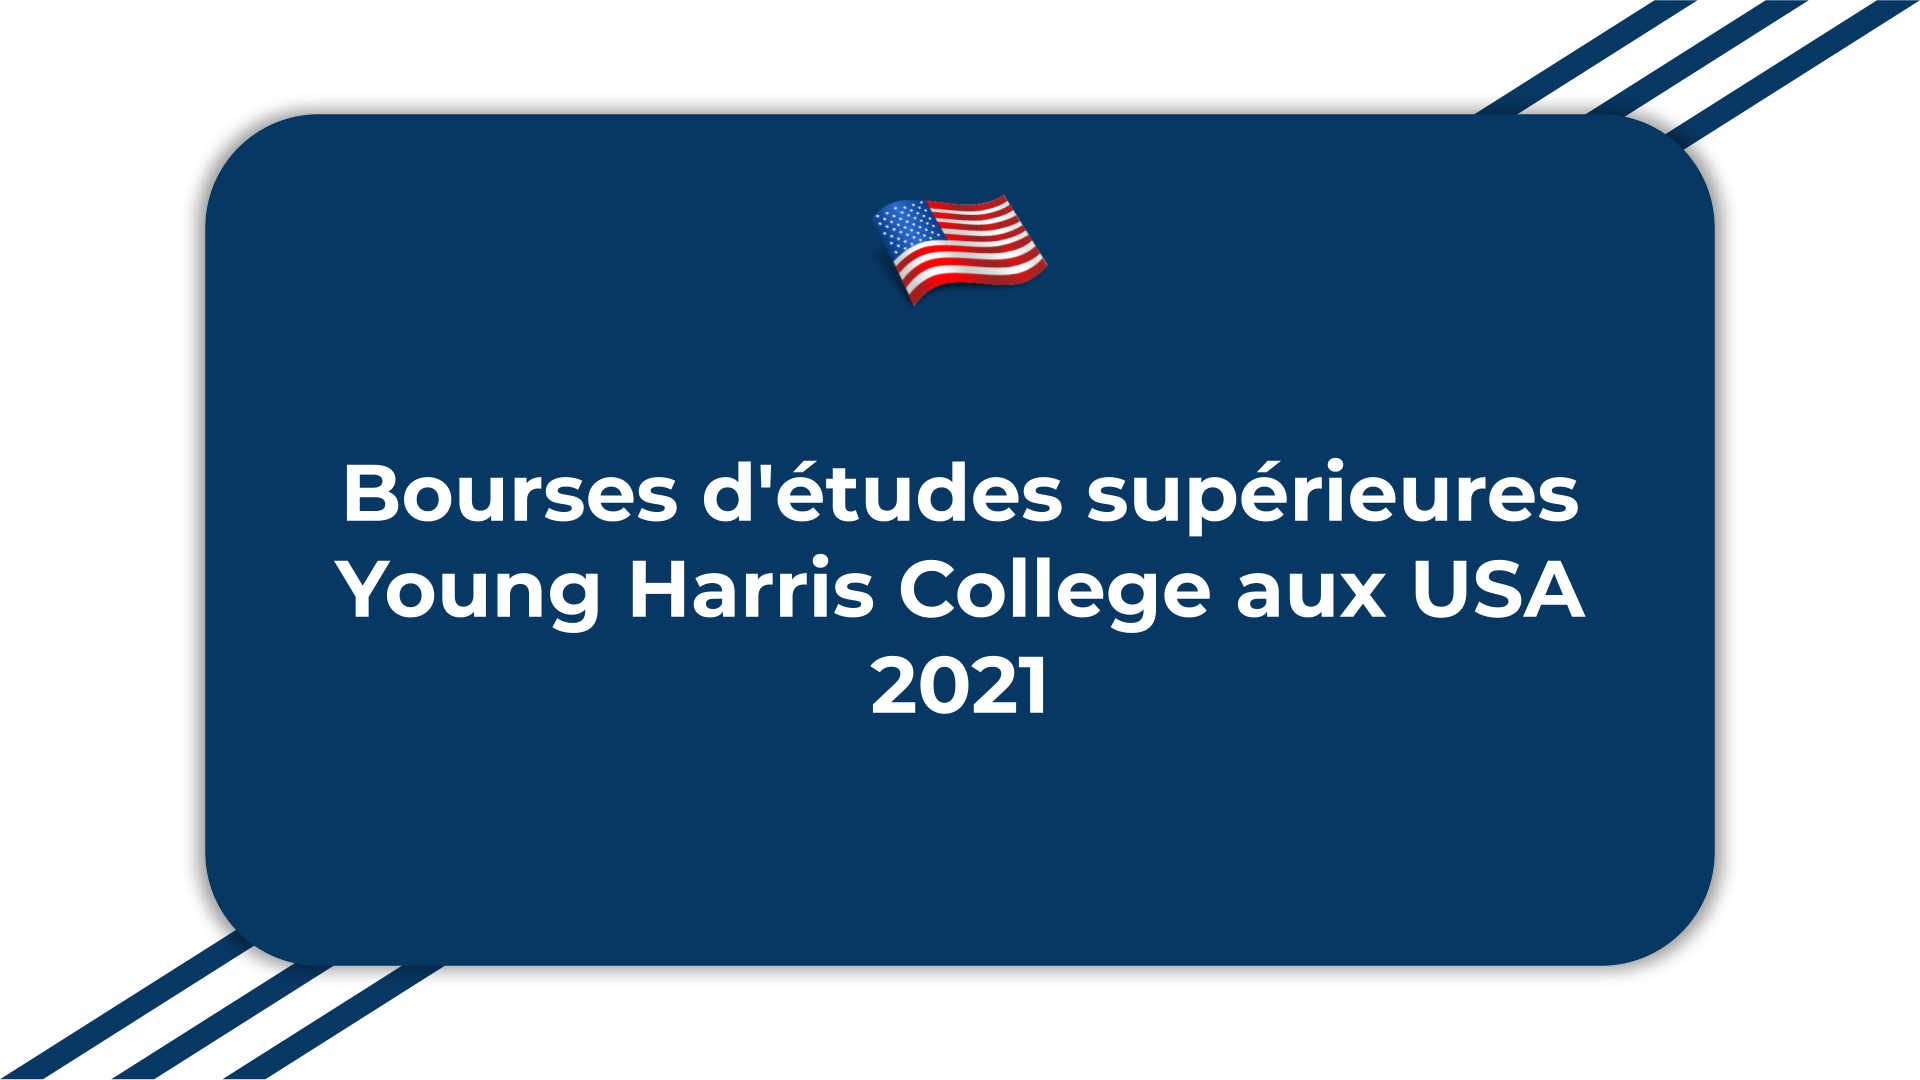 Bourses d'études supérieures Young Harris College